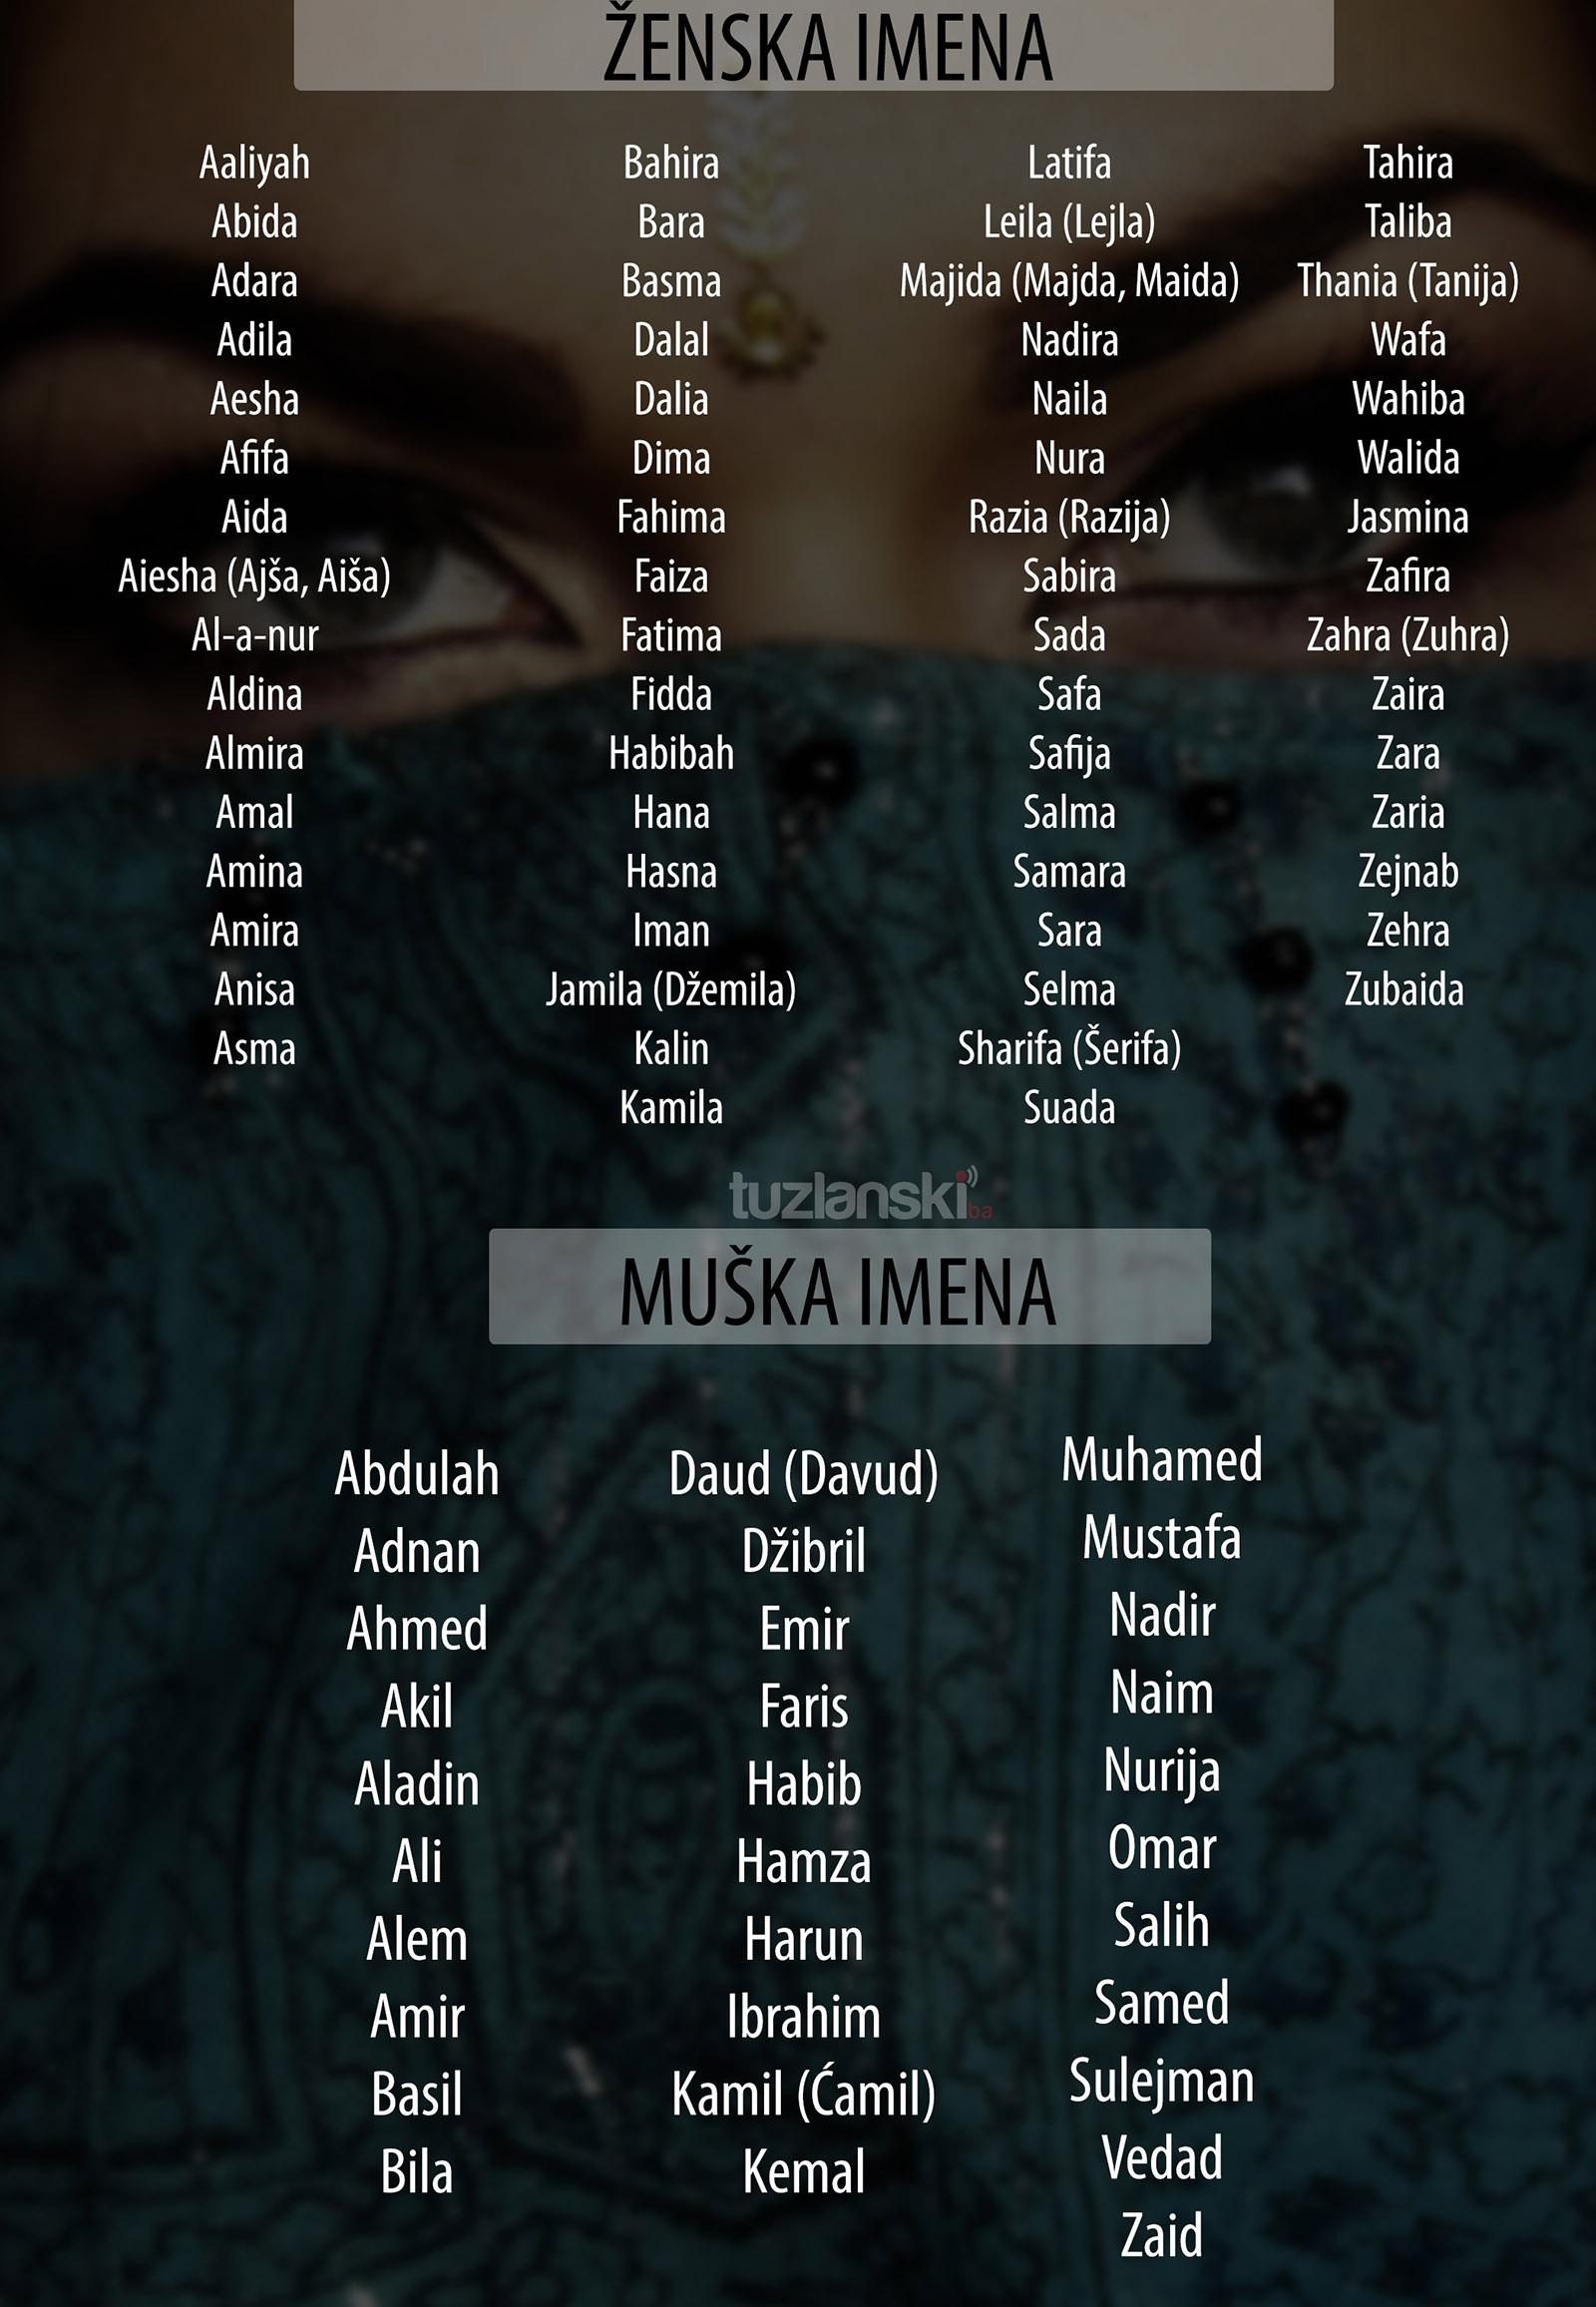 Ženska imena muslimanska